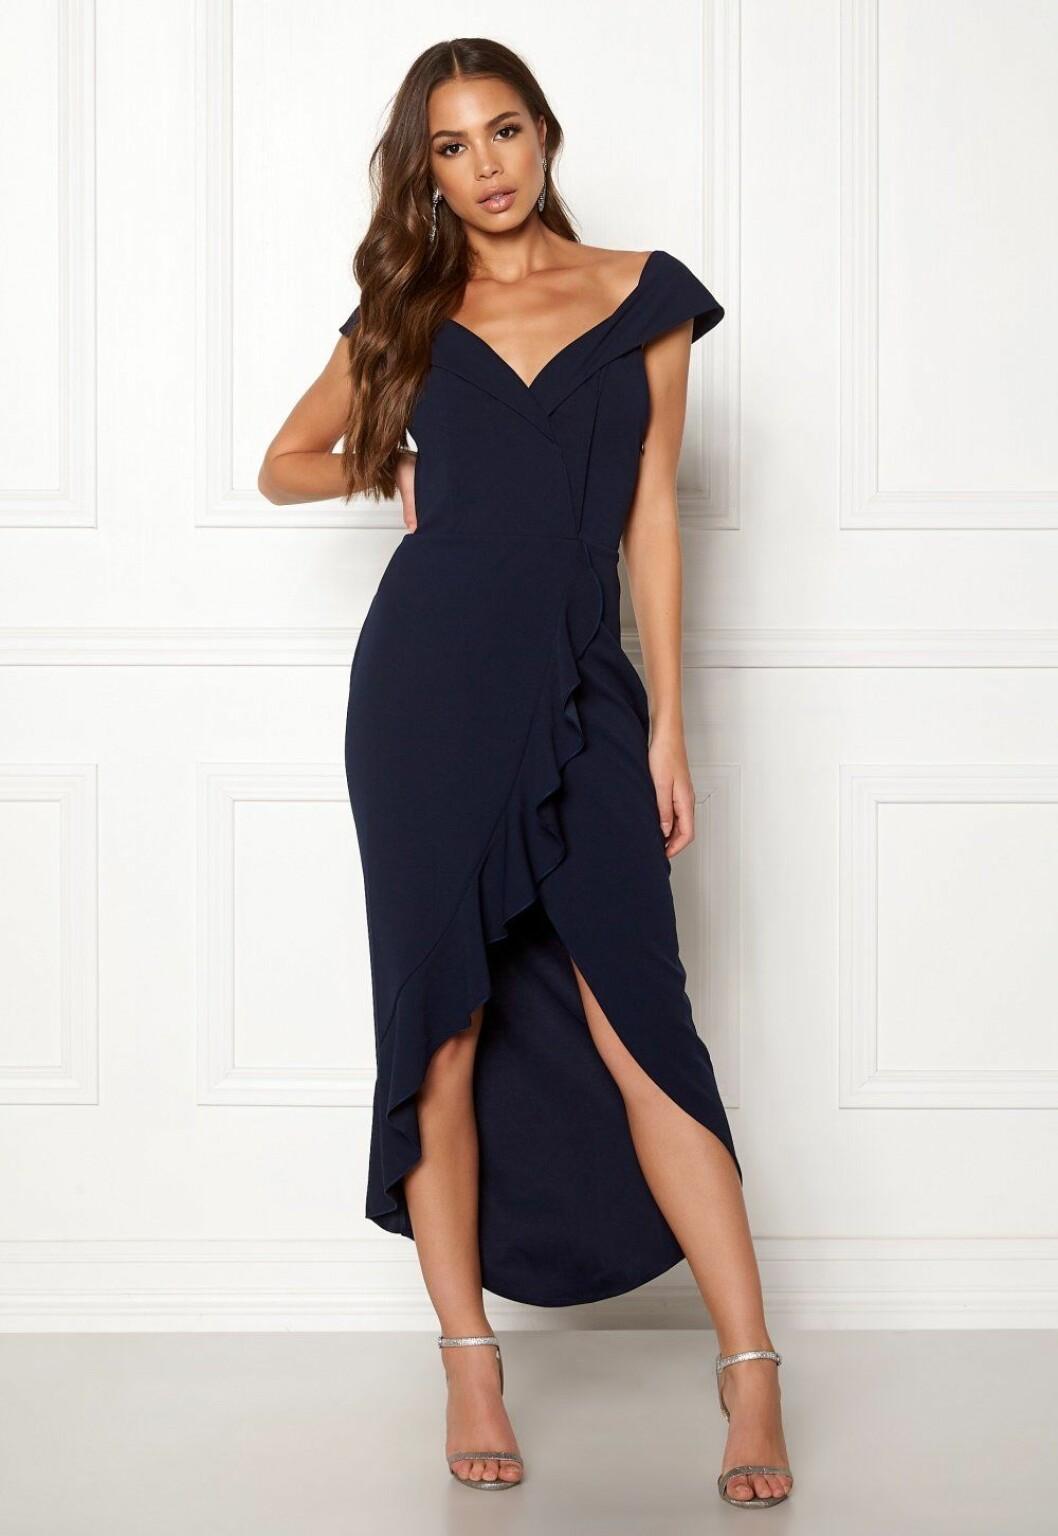 Mörkblå klänning med volanger för bröllop 2019